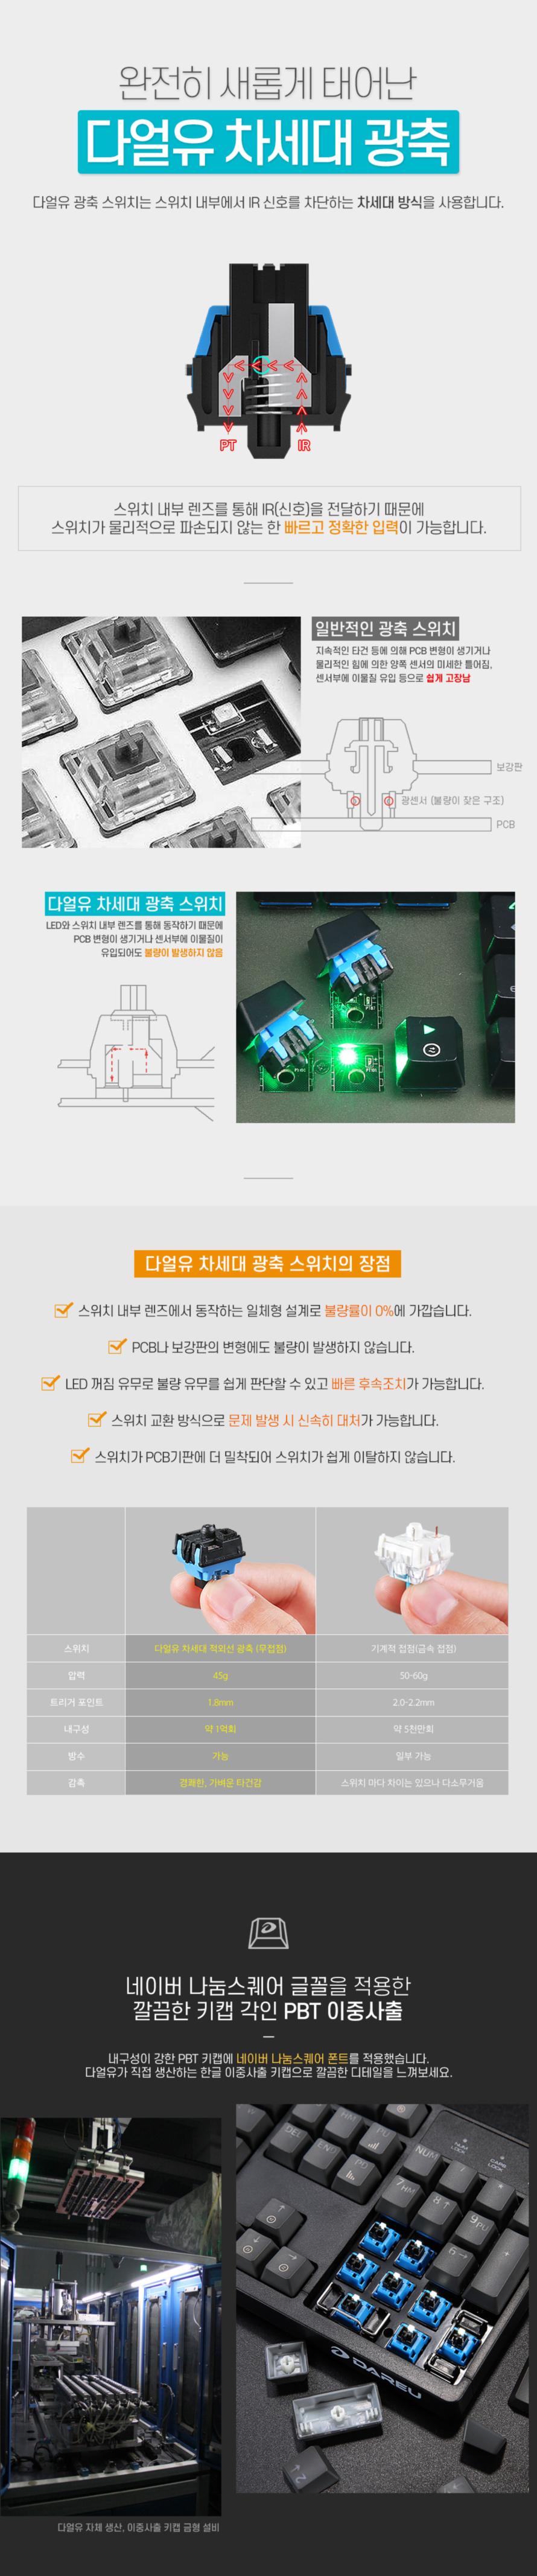 다얼유 DK750 PLUS PBT 플러스 화이트 LED (블랙, 클릭)